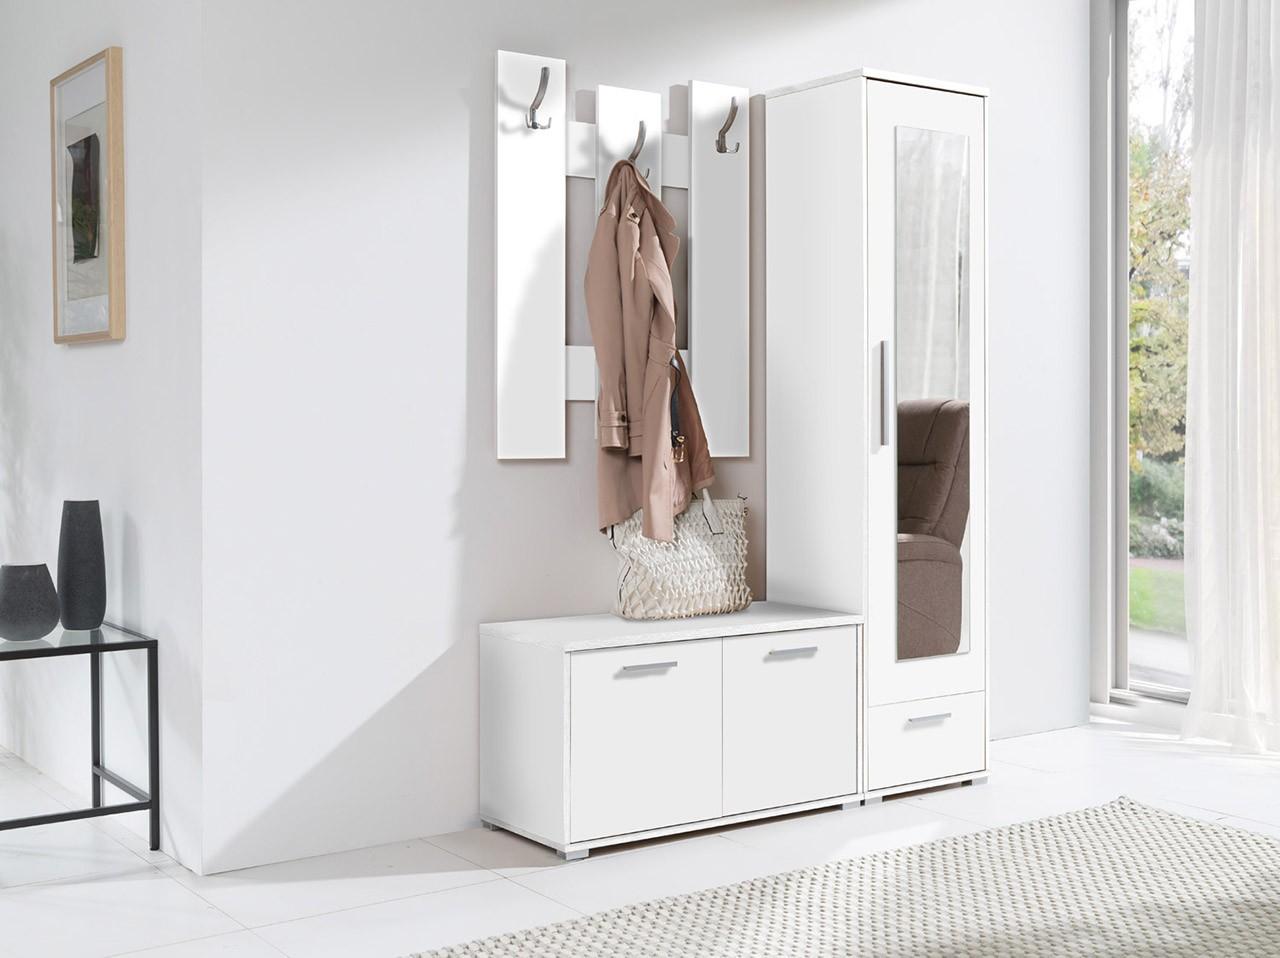 Garderobe Set Blina Mirjan24